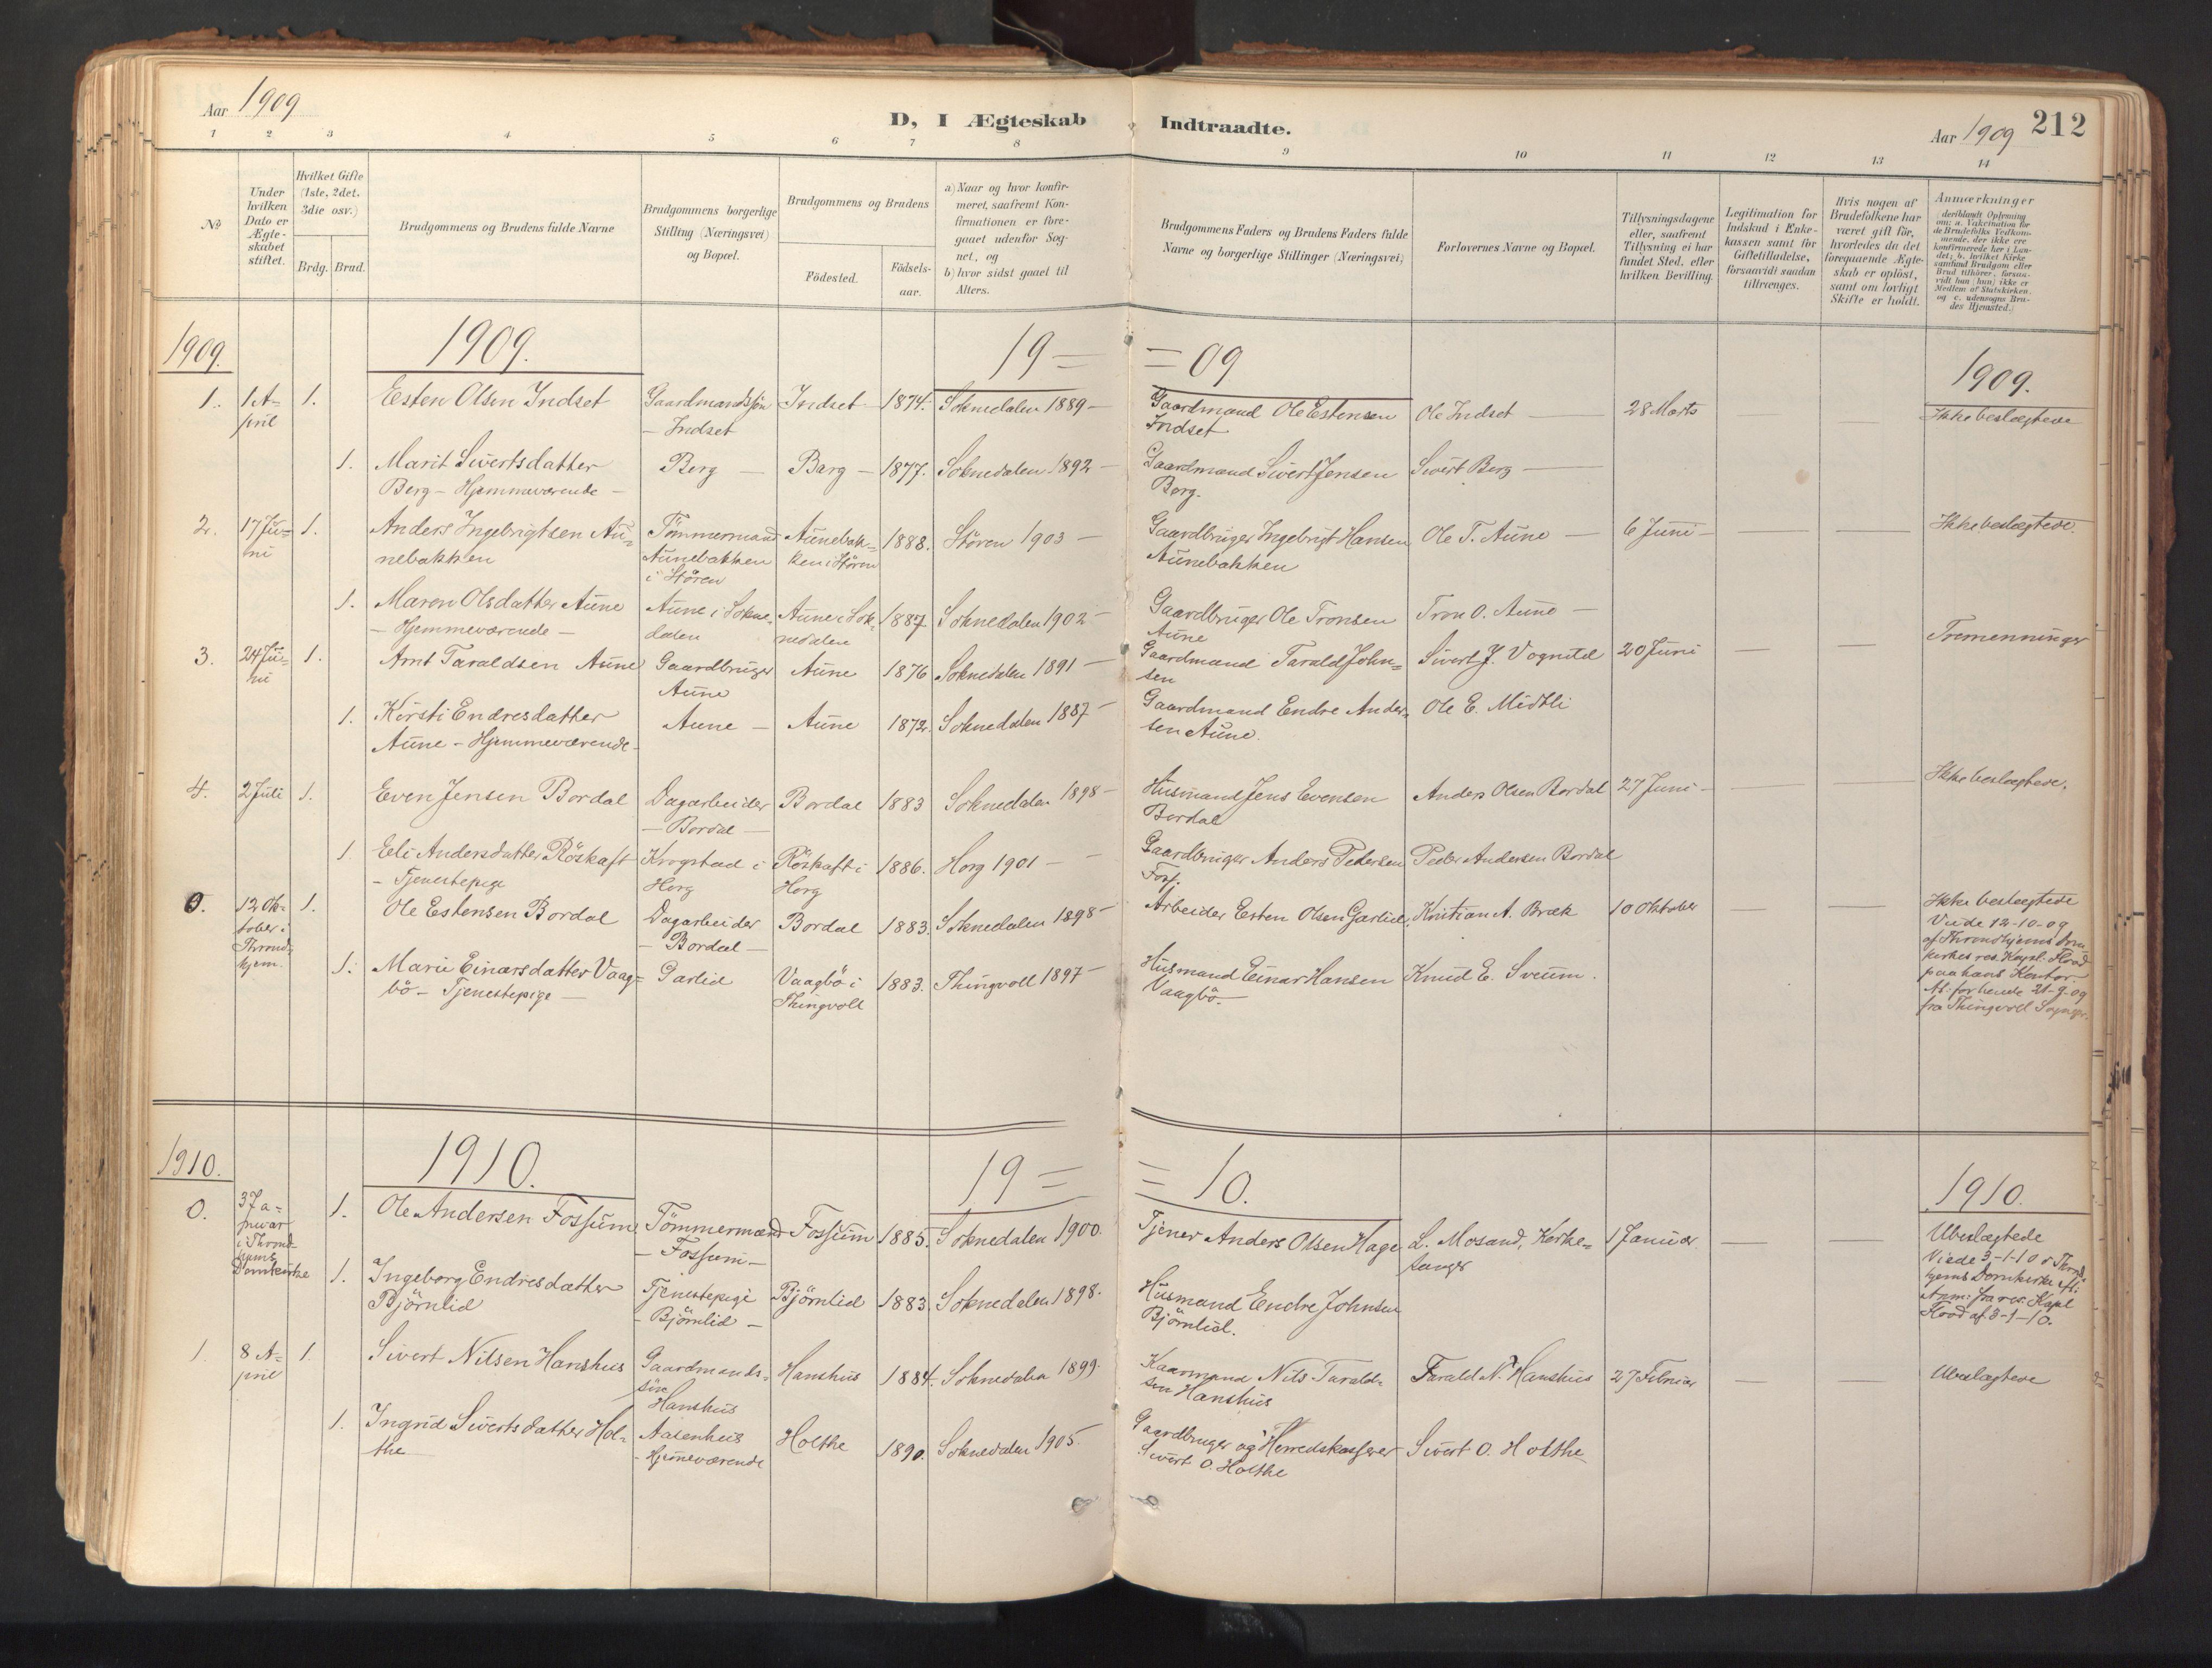 SAT, Ministerialprotokoller, klokkerbøker og fødselsregistre - Sør-Trøndelag, 689/L1041: Ministerialbok nr. 689A06, 1891-1923, s. 212